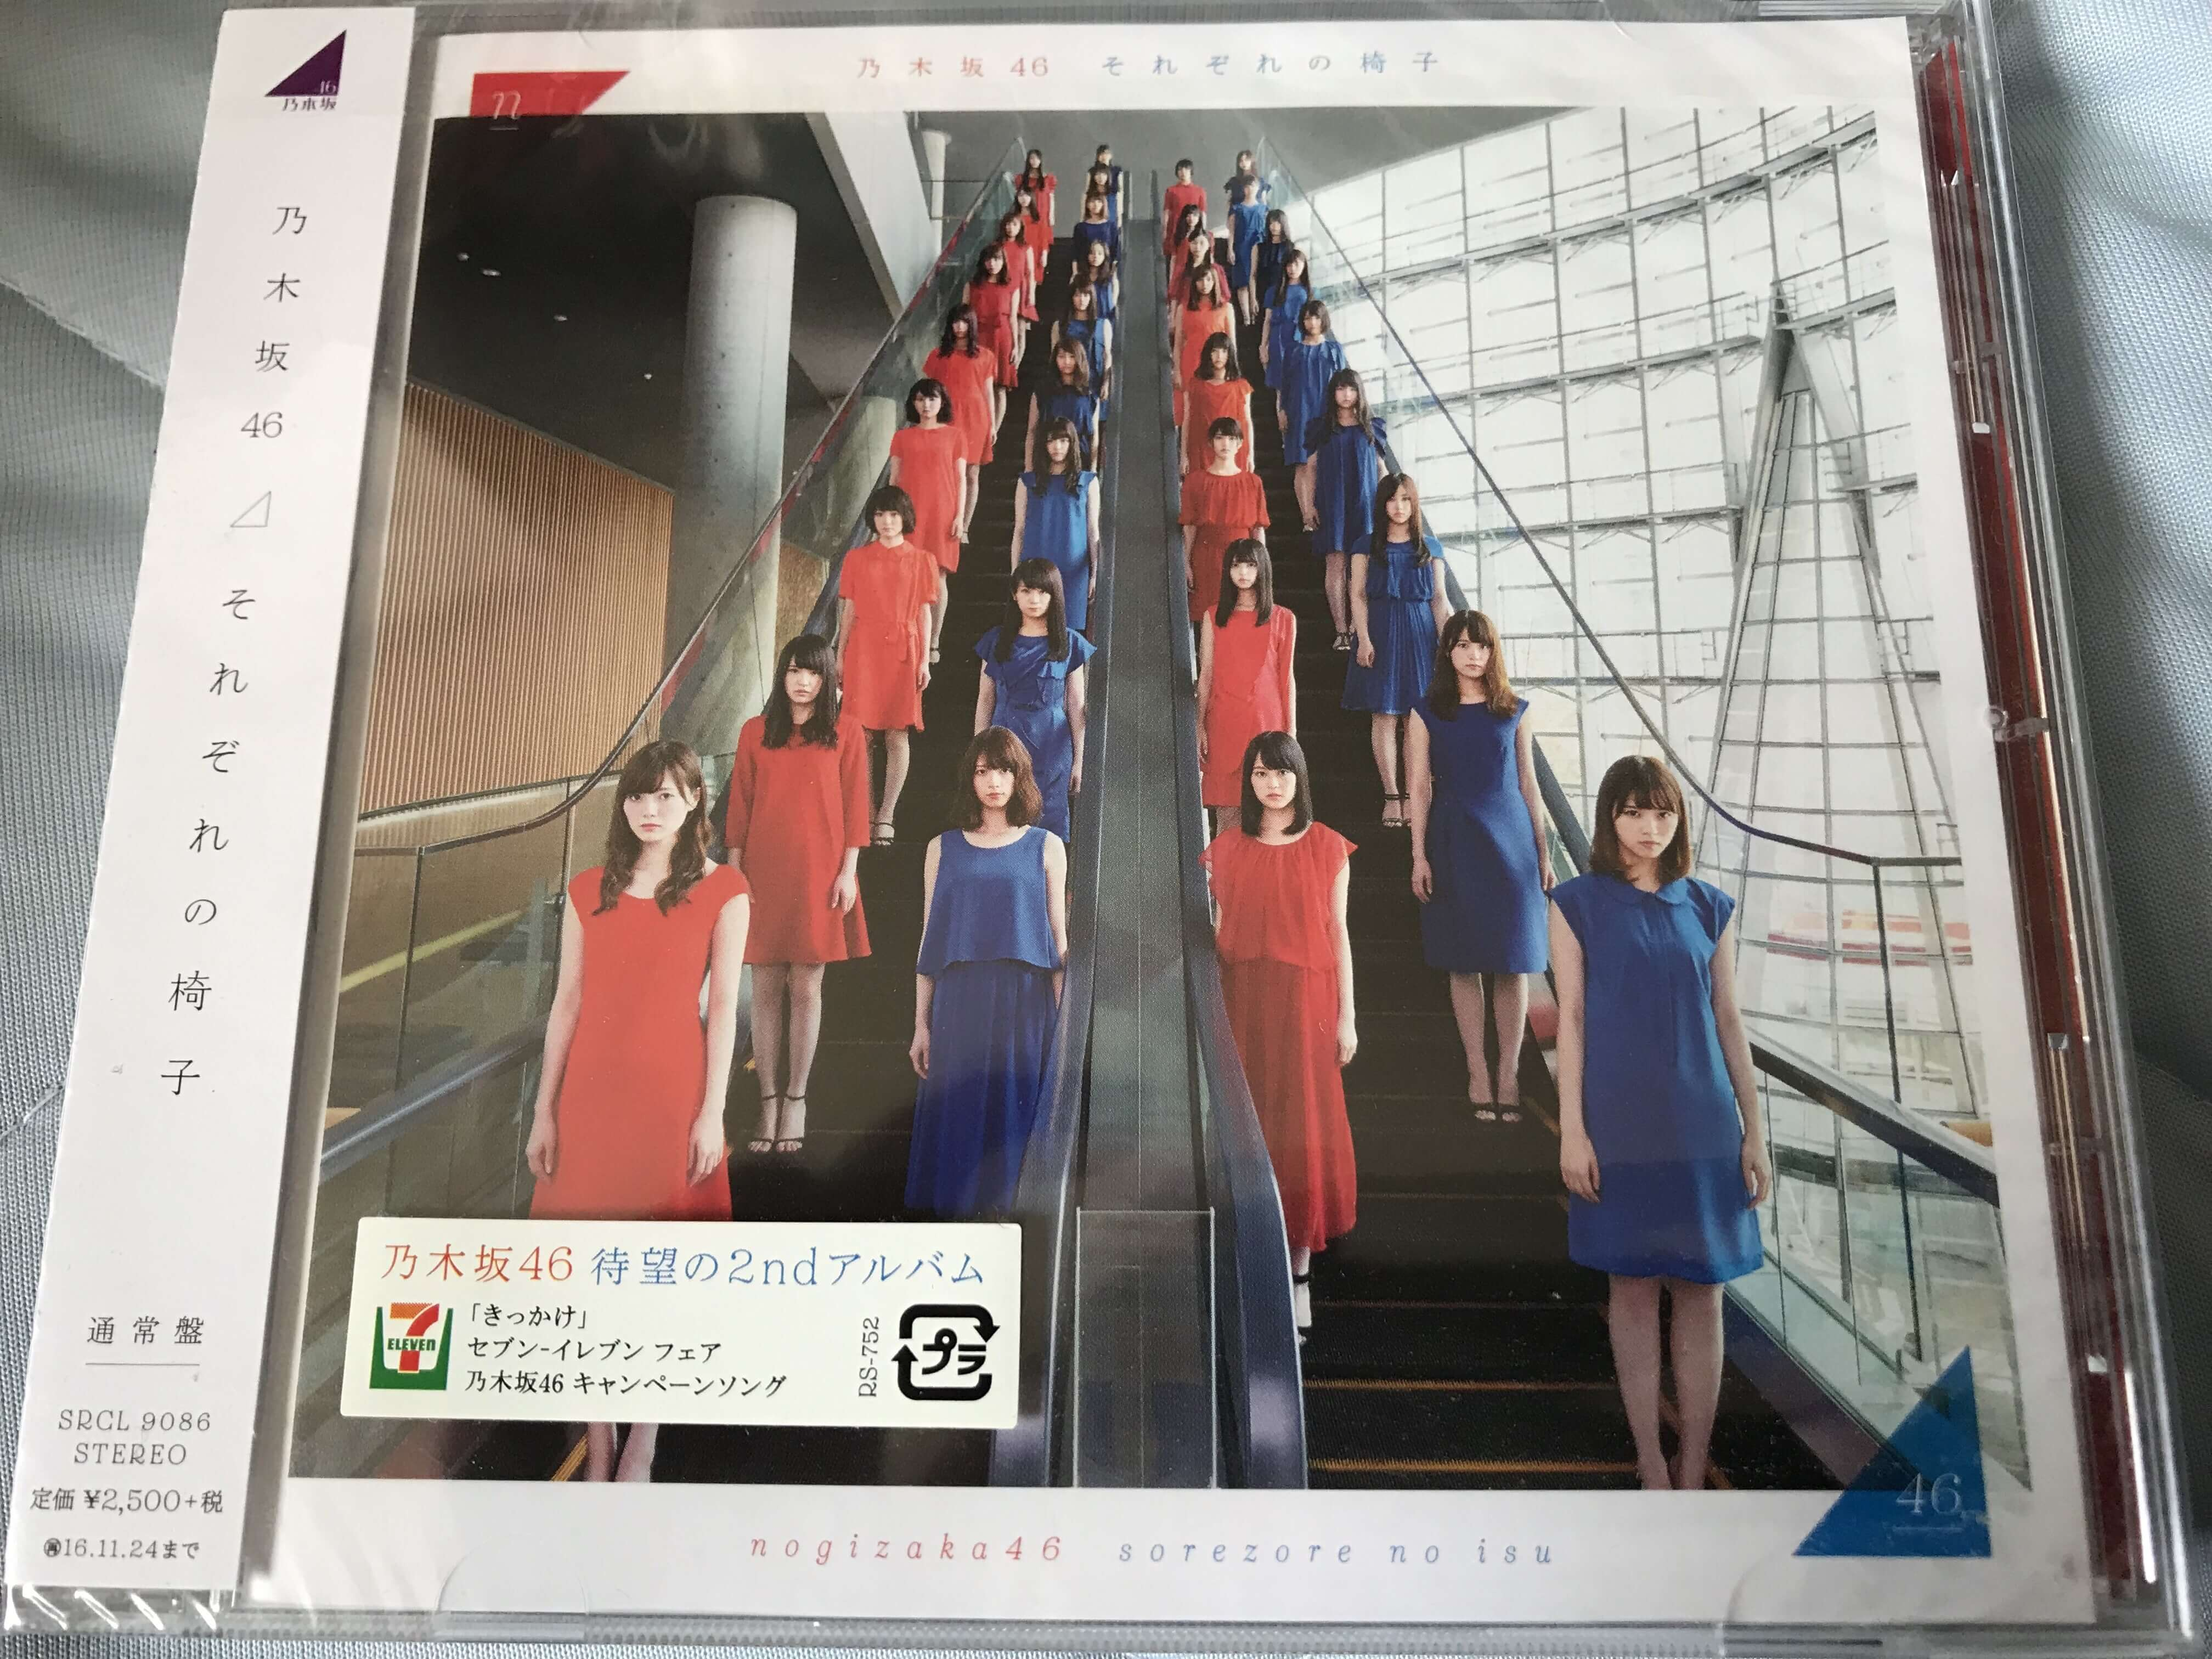 2ndアルバム「それぞれの椅子」のすべて!収録曲や特典映像、MVフォーメーション情報などを紹介!